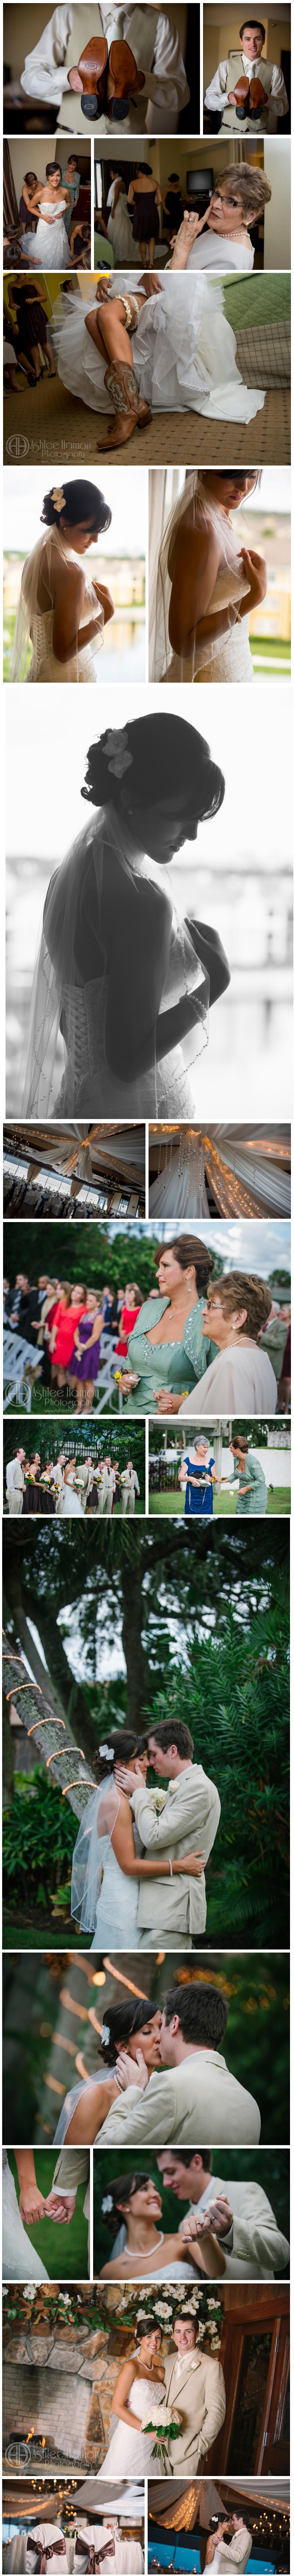 Rusty Pelican Wedding Photography